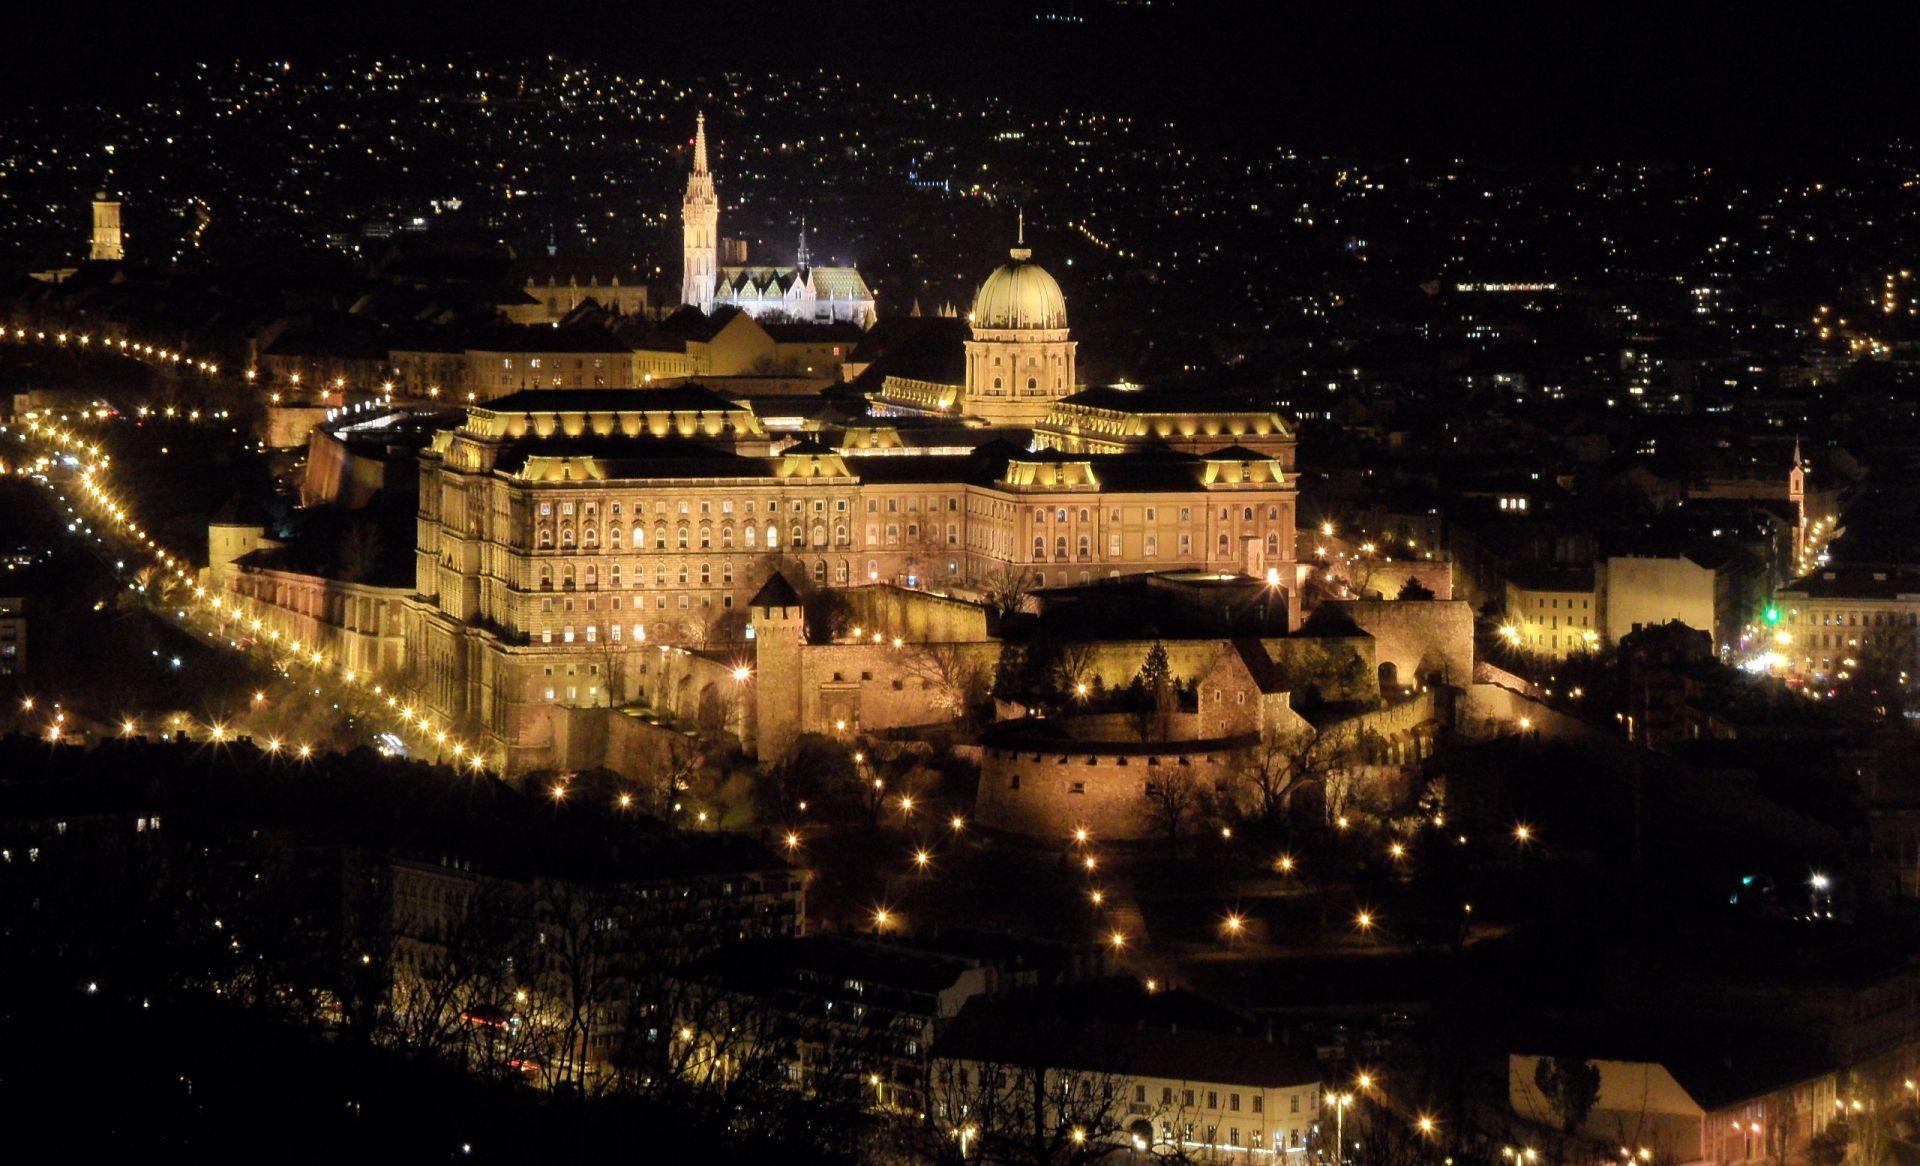 MAĐARSKA PROVJERAVA NAVODE: CIA upozorila na moguće terorističke napade u Varšavi, Budimpešti i Berlinu